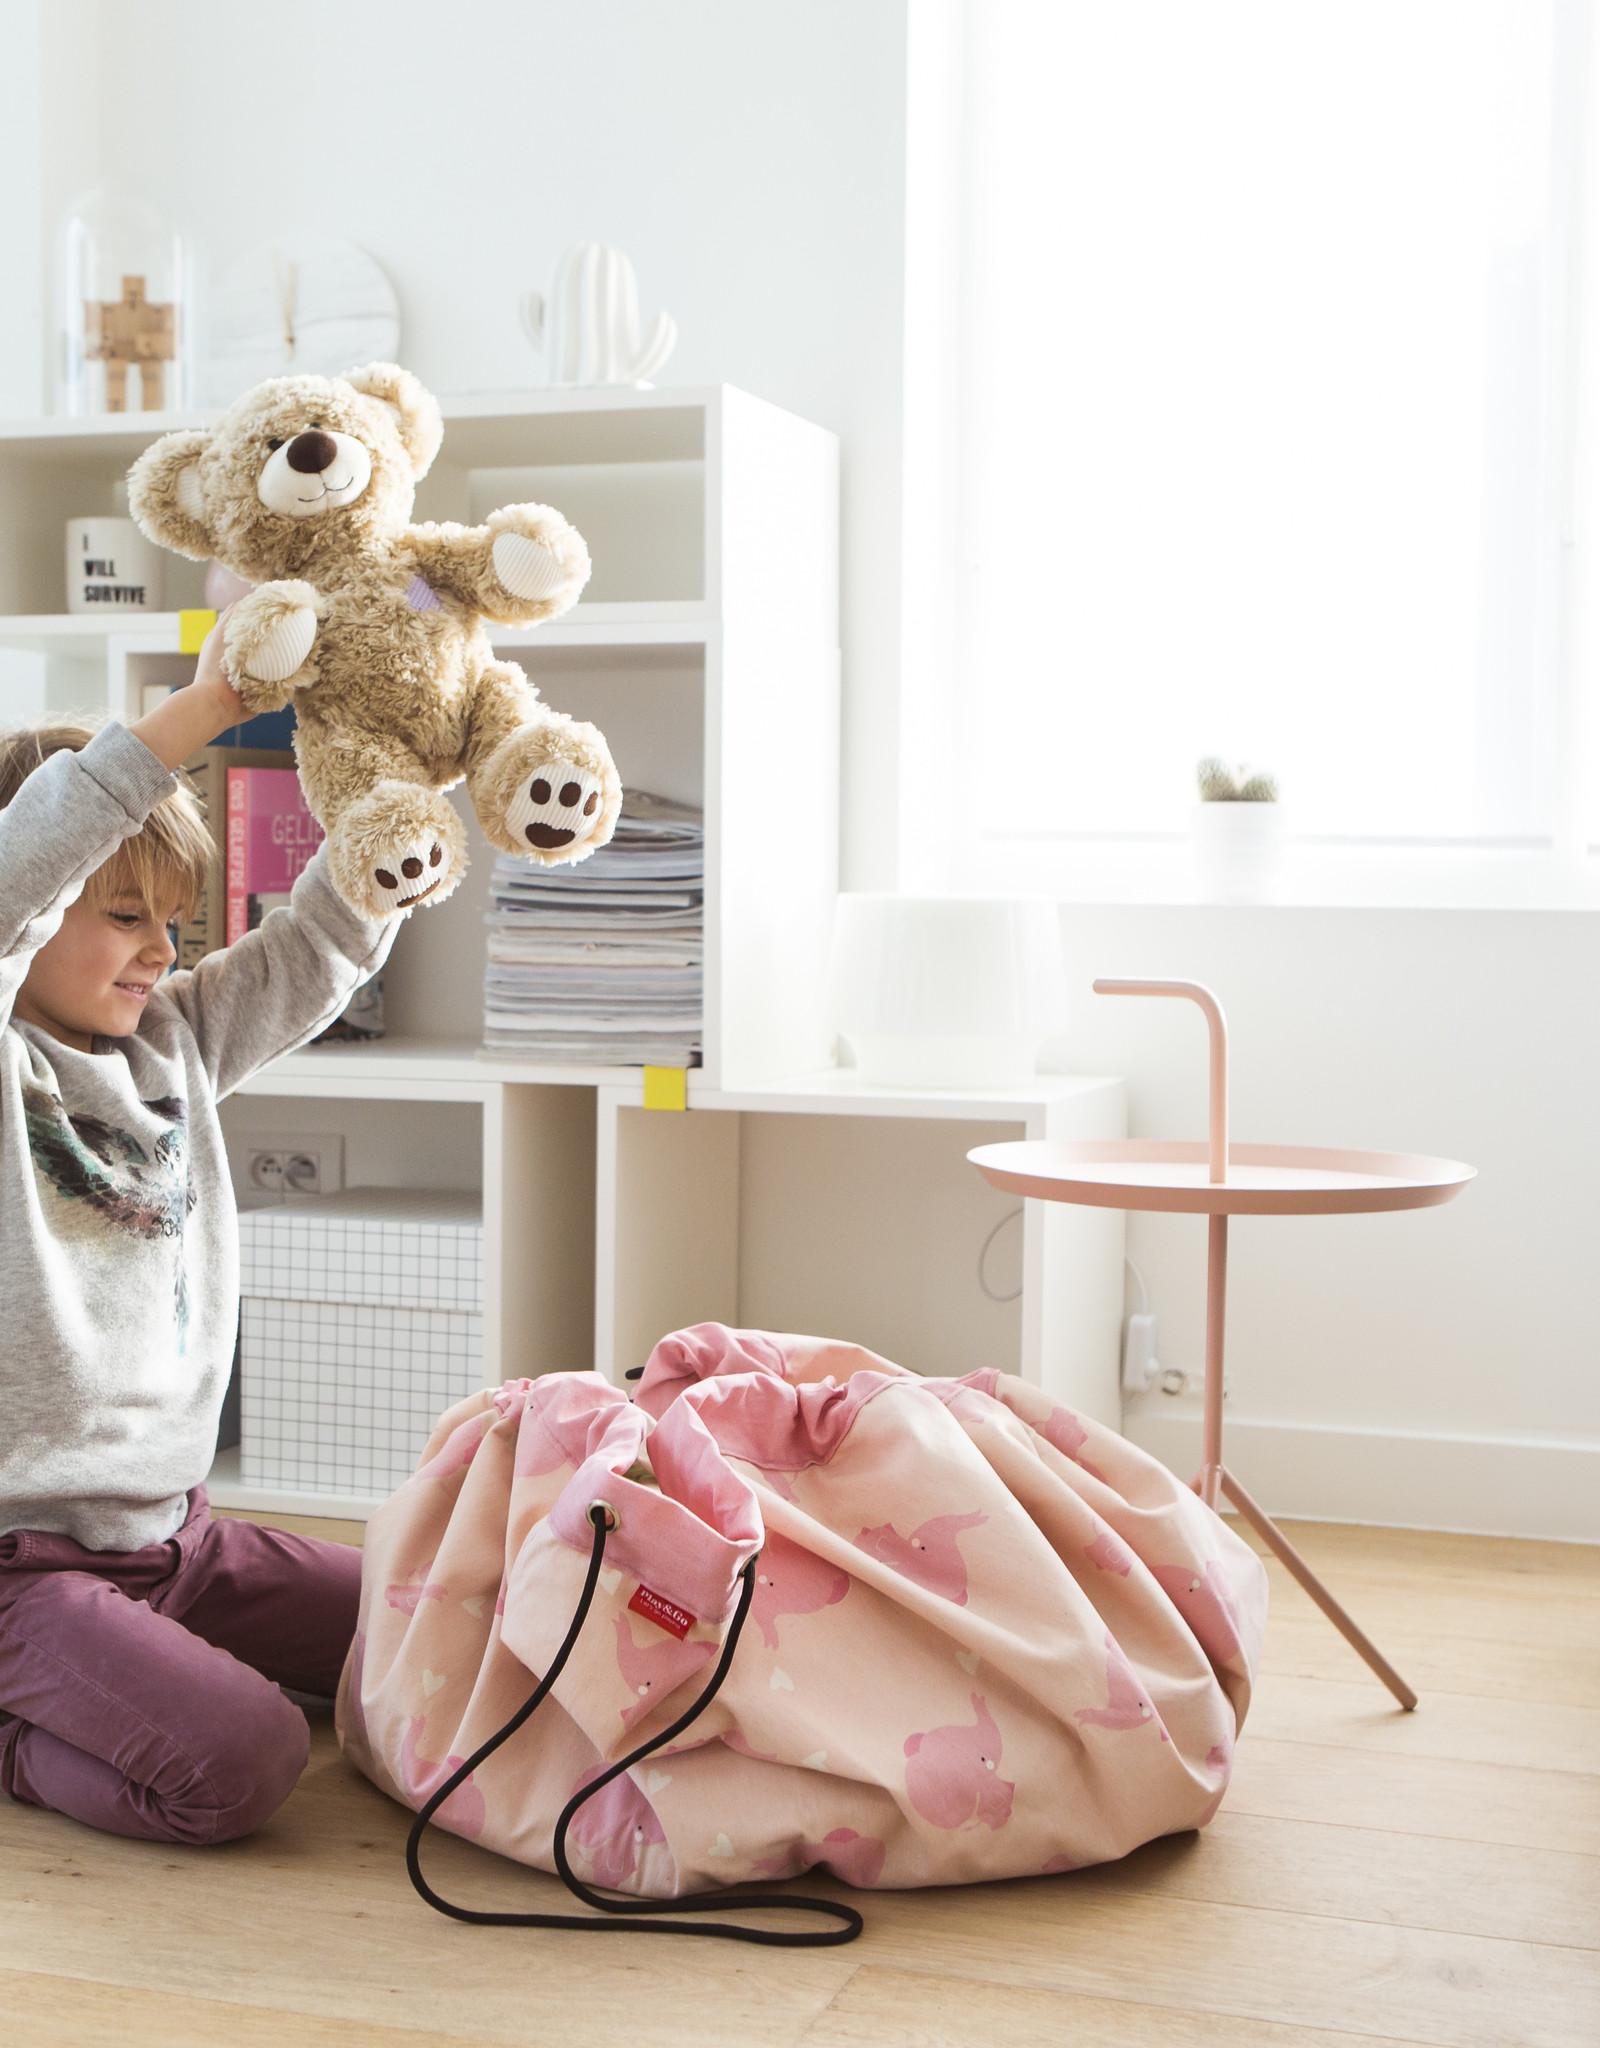 Play & Go OPBERGZAK EN SPEELMAT - PINK ELEPHANT